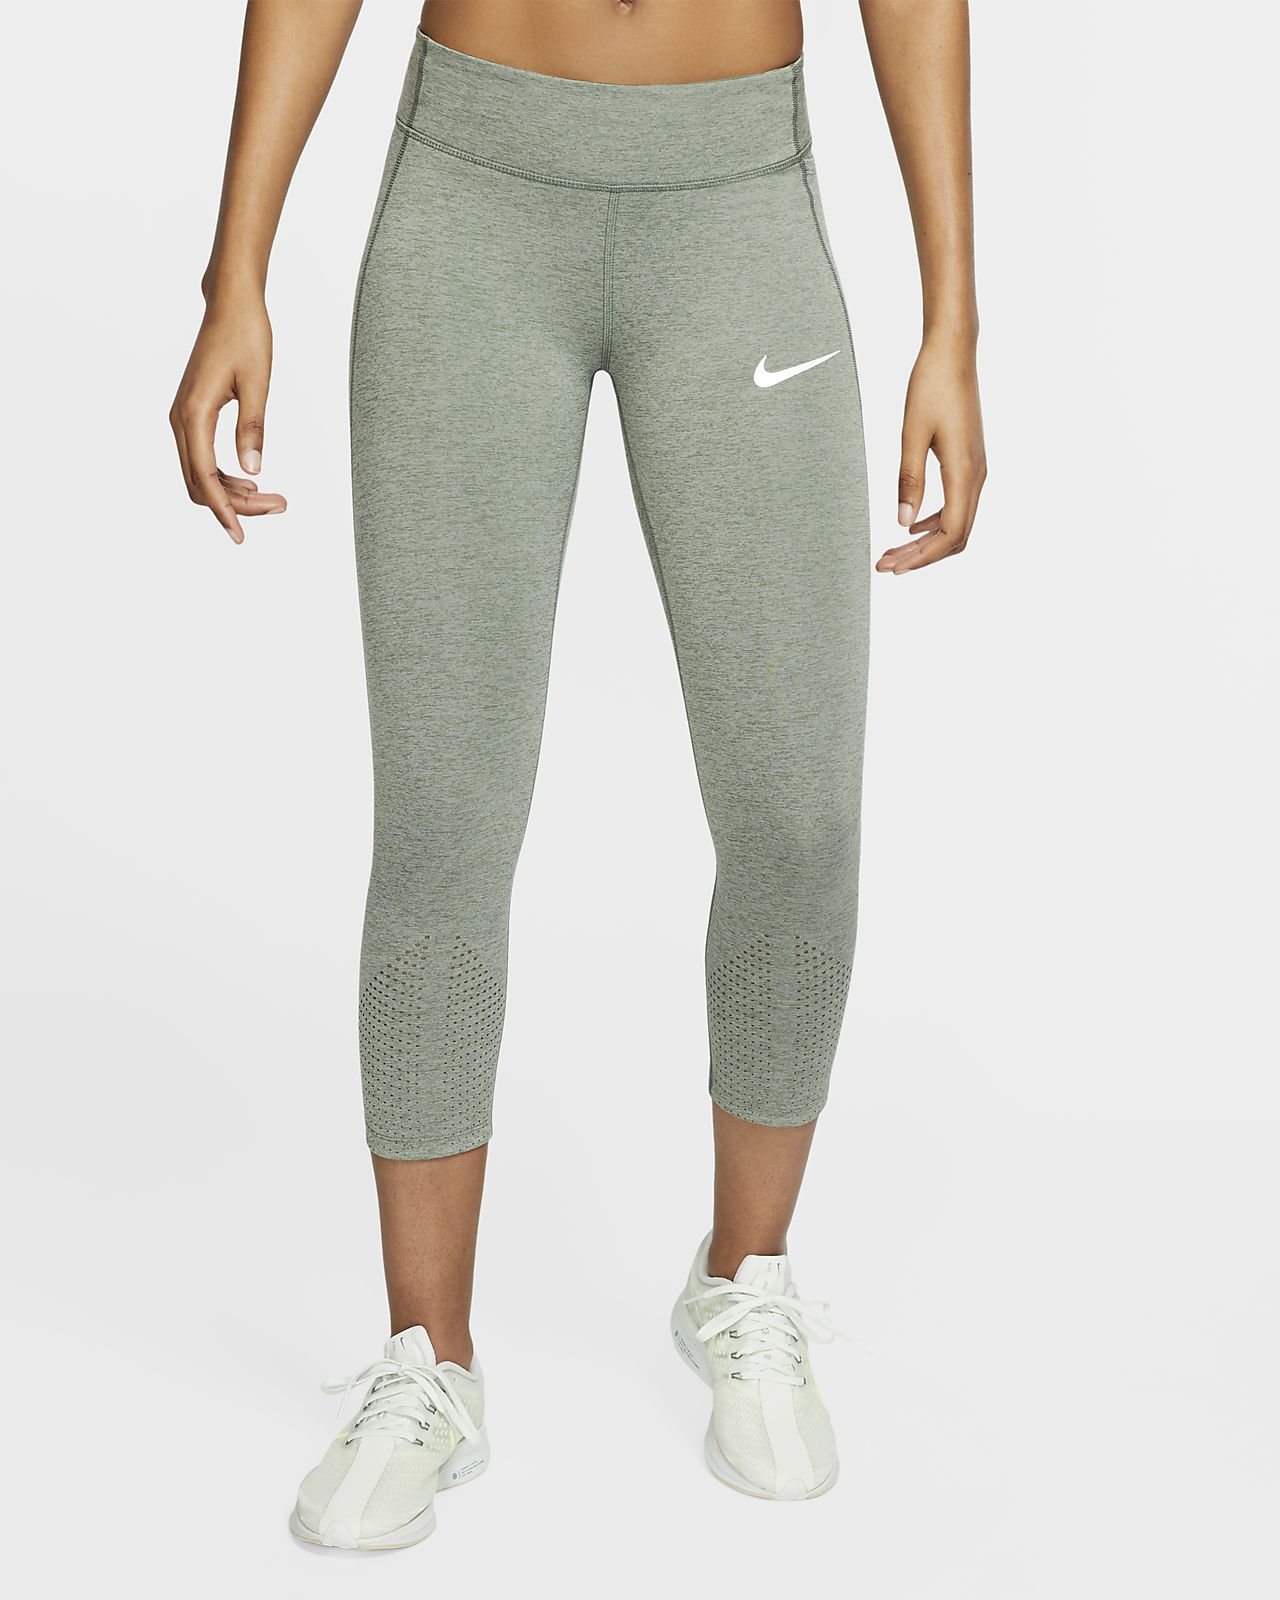 Nike Epic Lux Mallas de tres cuartos de running Mujer